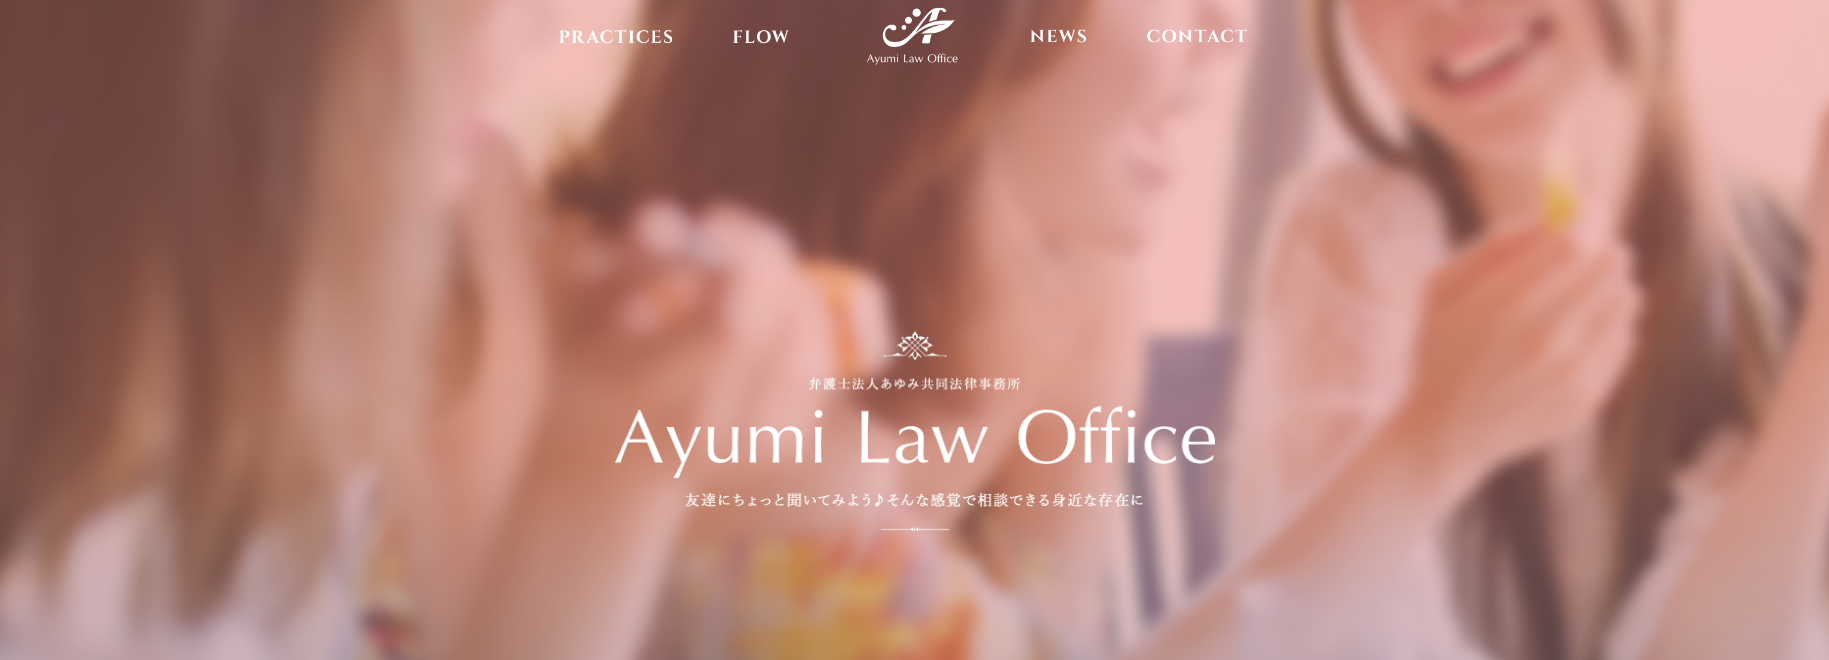 弁護士法人あゆみ共同法律事務所